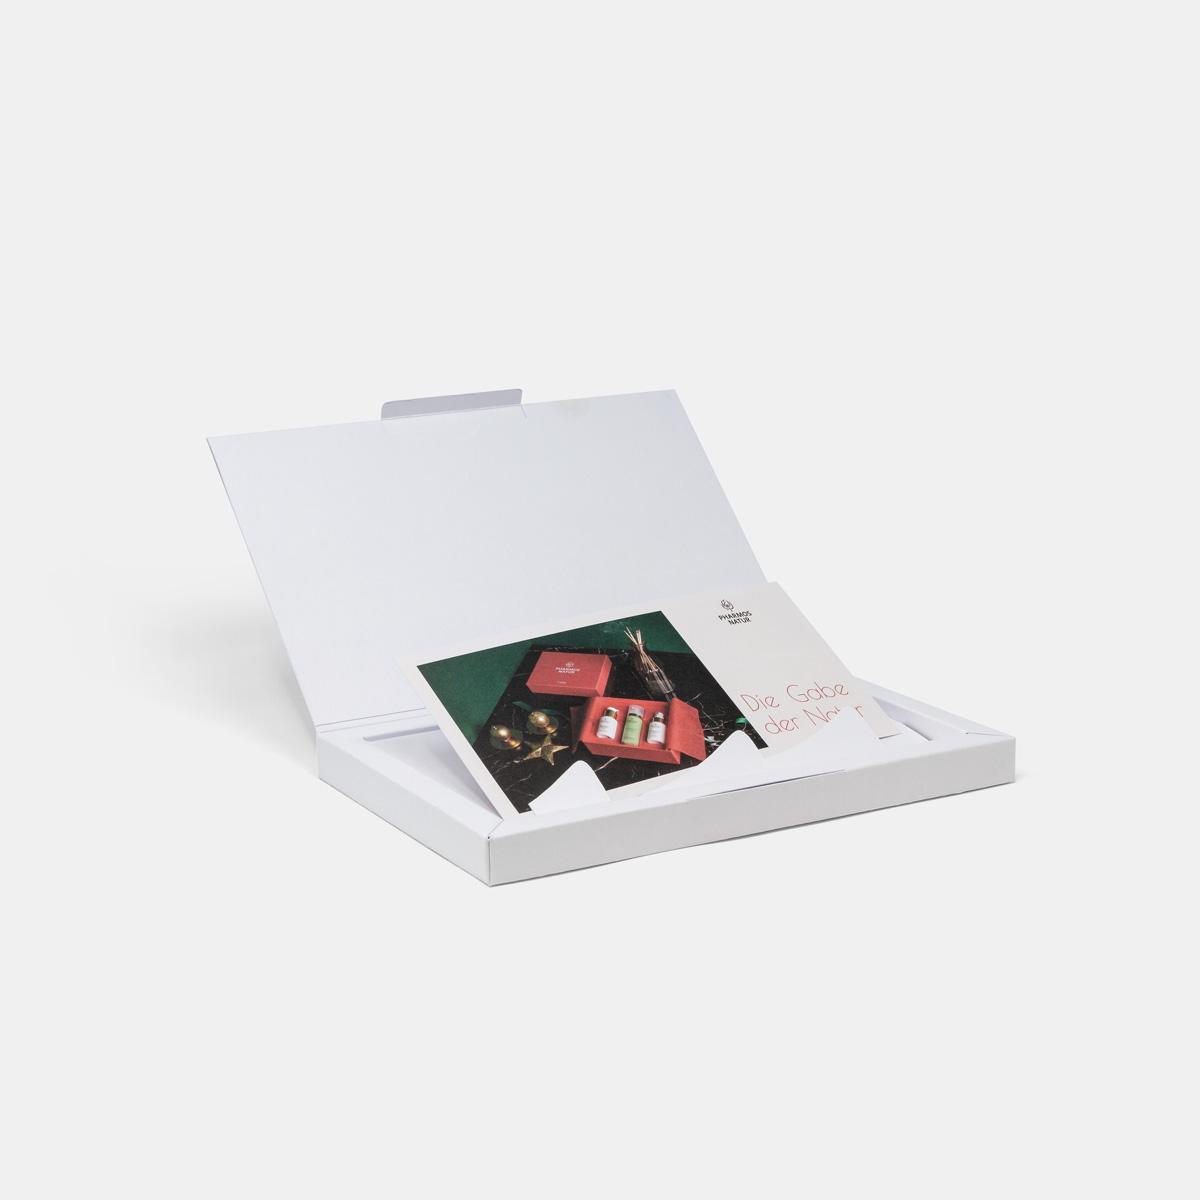 PackSolutions KG - Individuelle angepasste Verpackungen